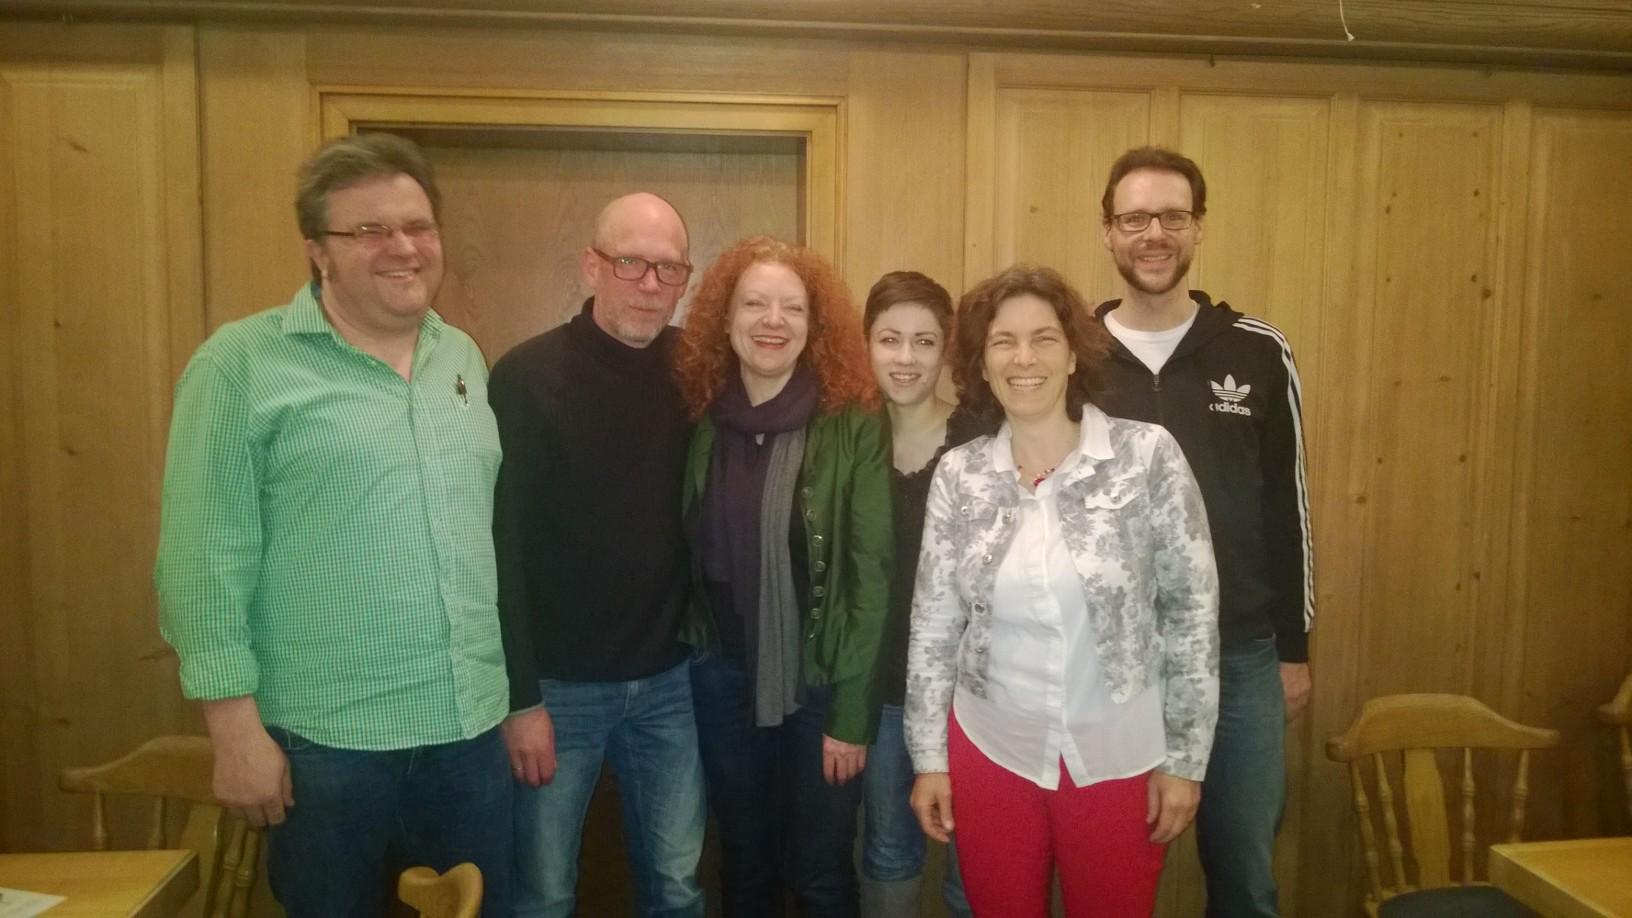 Schafkopfabend zusammen mit der Fraktionsvorsitzenden Margarete Bause, Gerhard Müller, Kreisräten und Gemeinderäten.